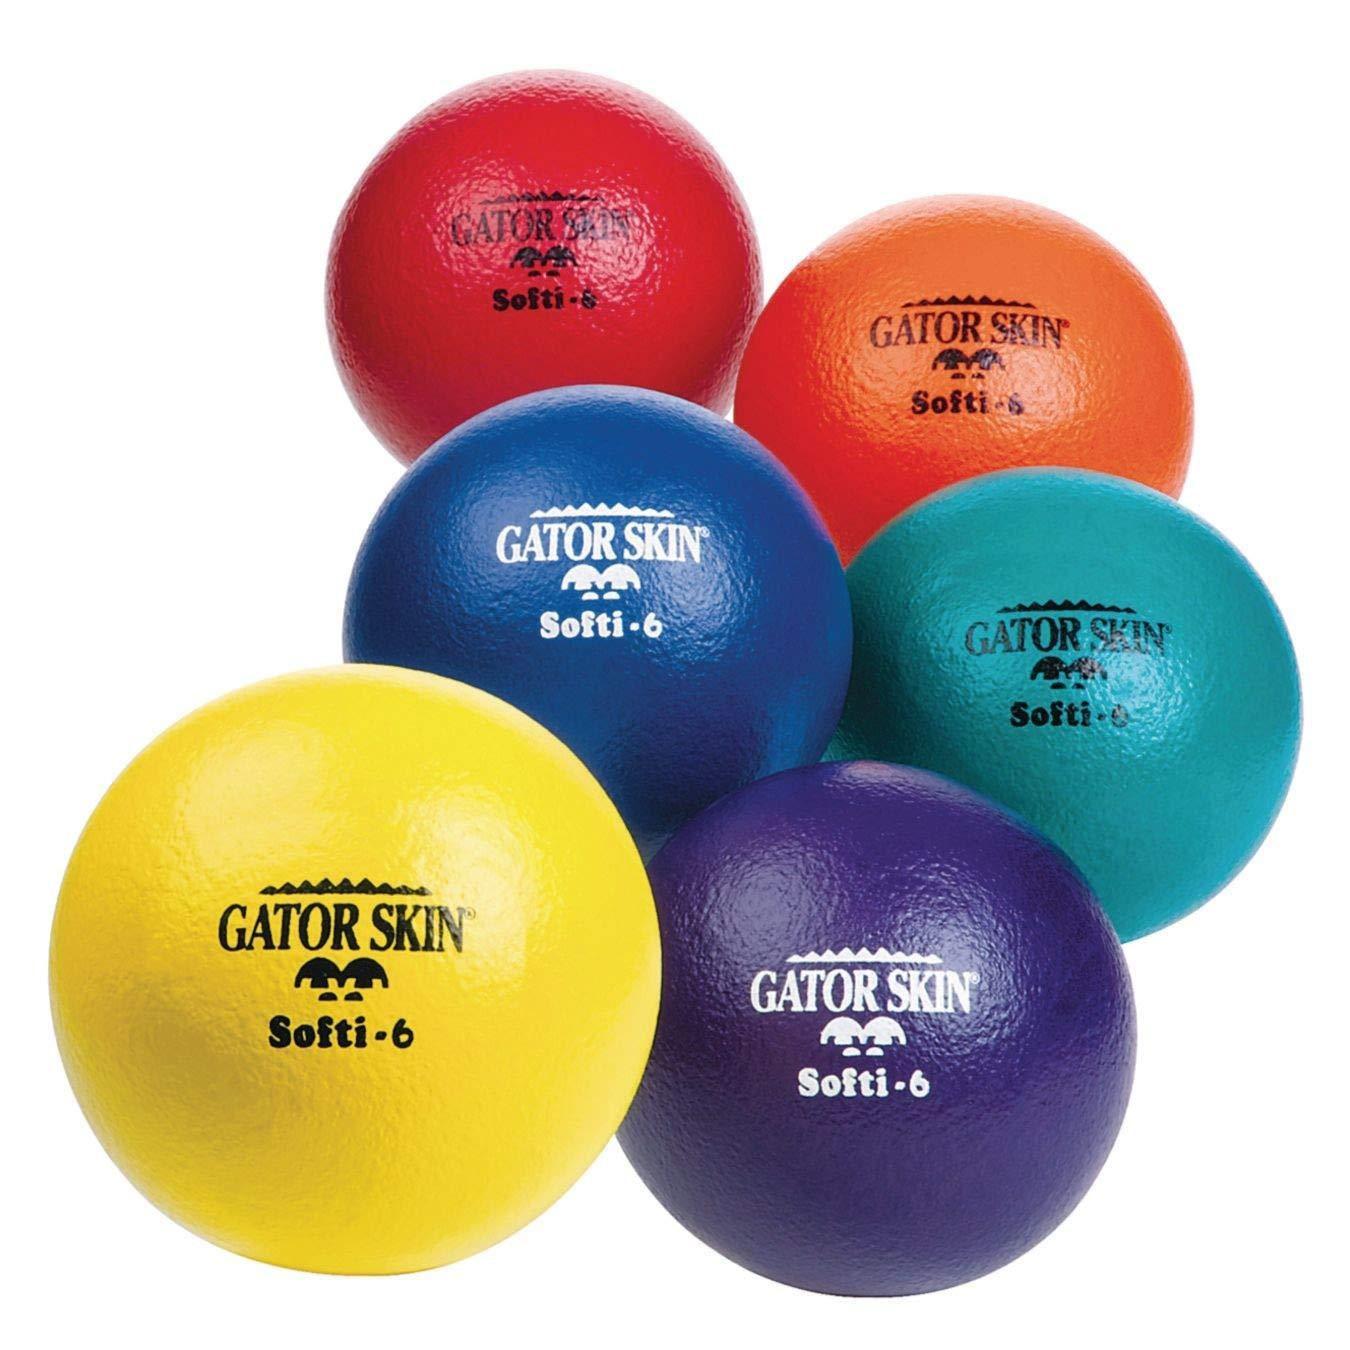 Gator Skin 6'' Softi Balls (Set of 6) by Gator Skin